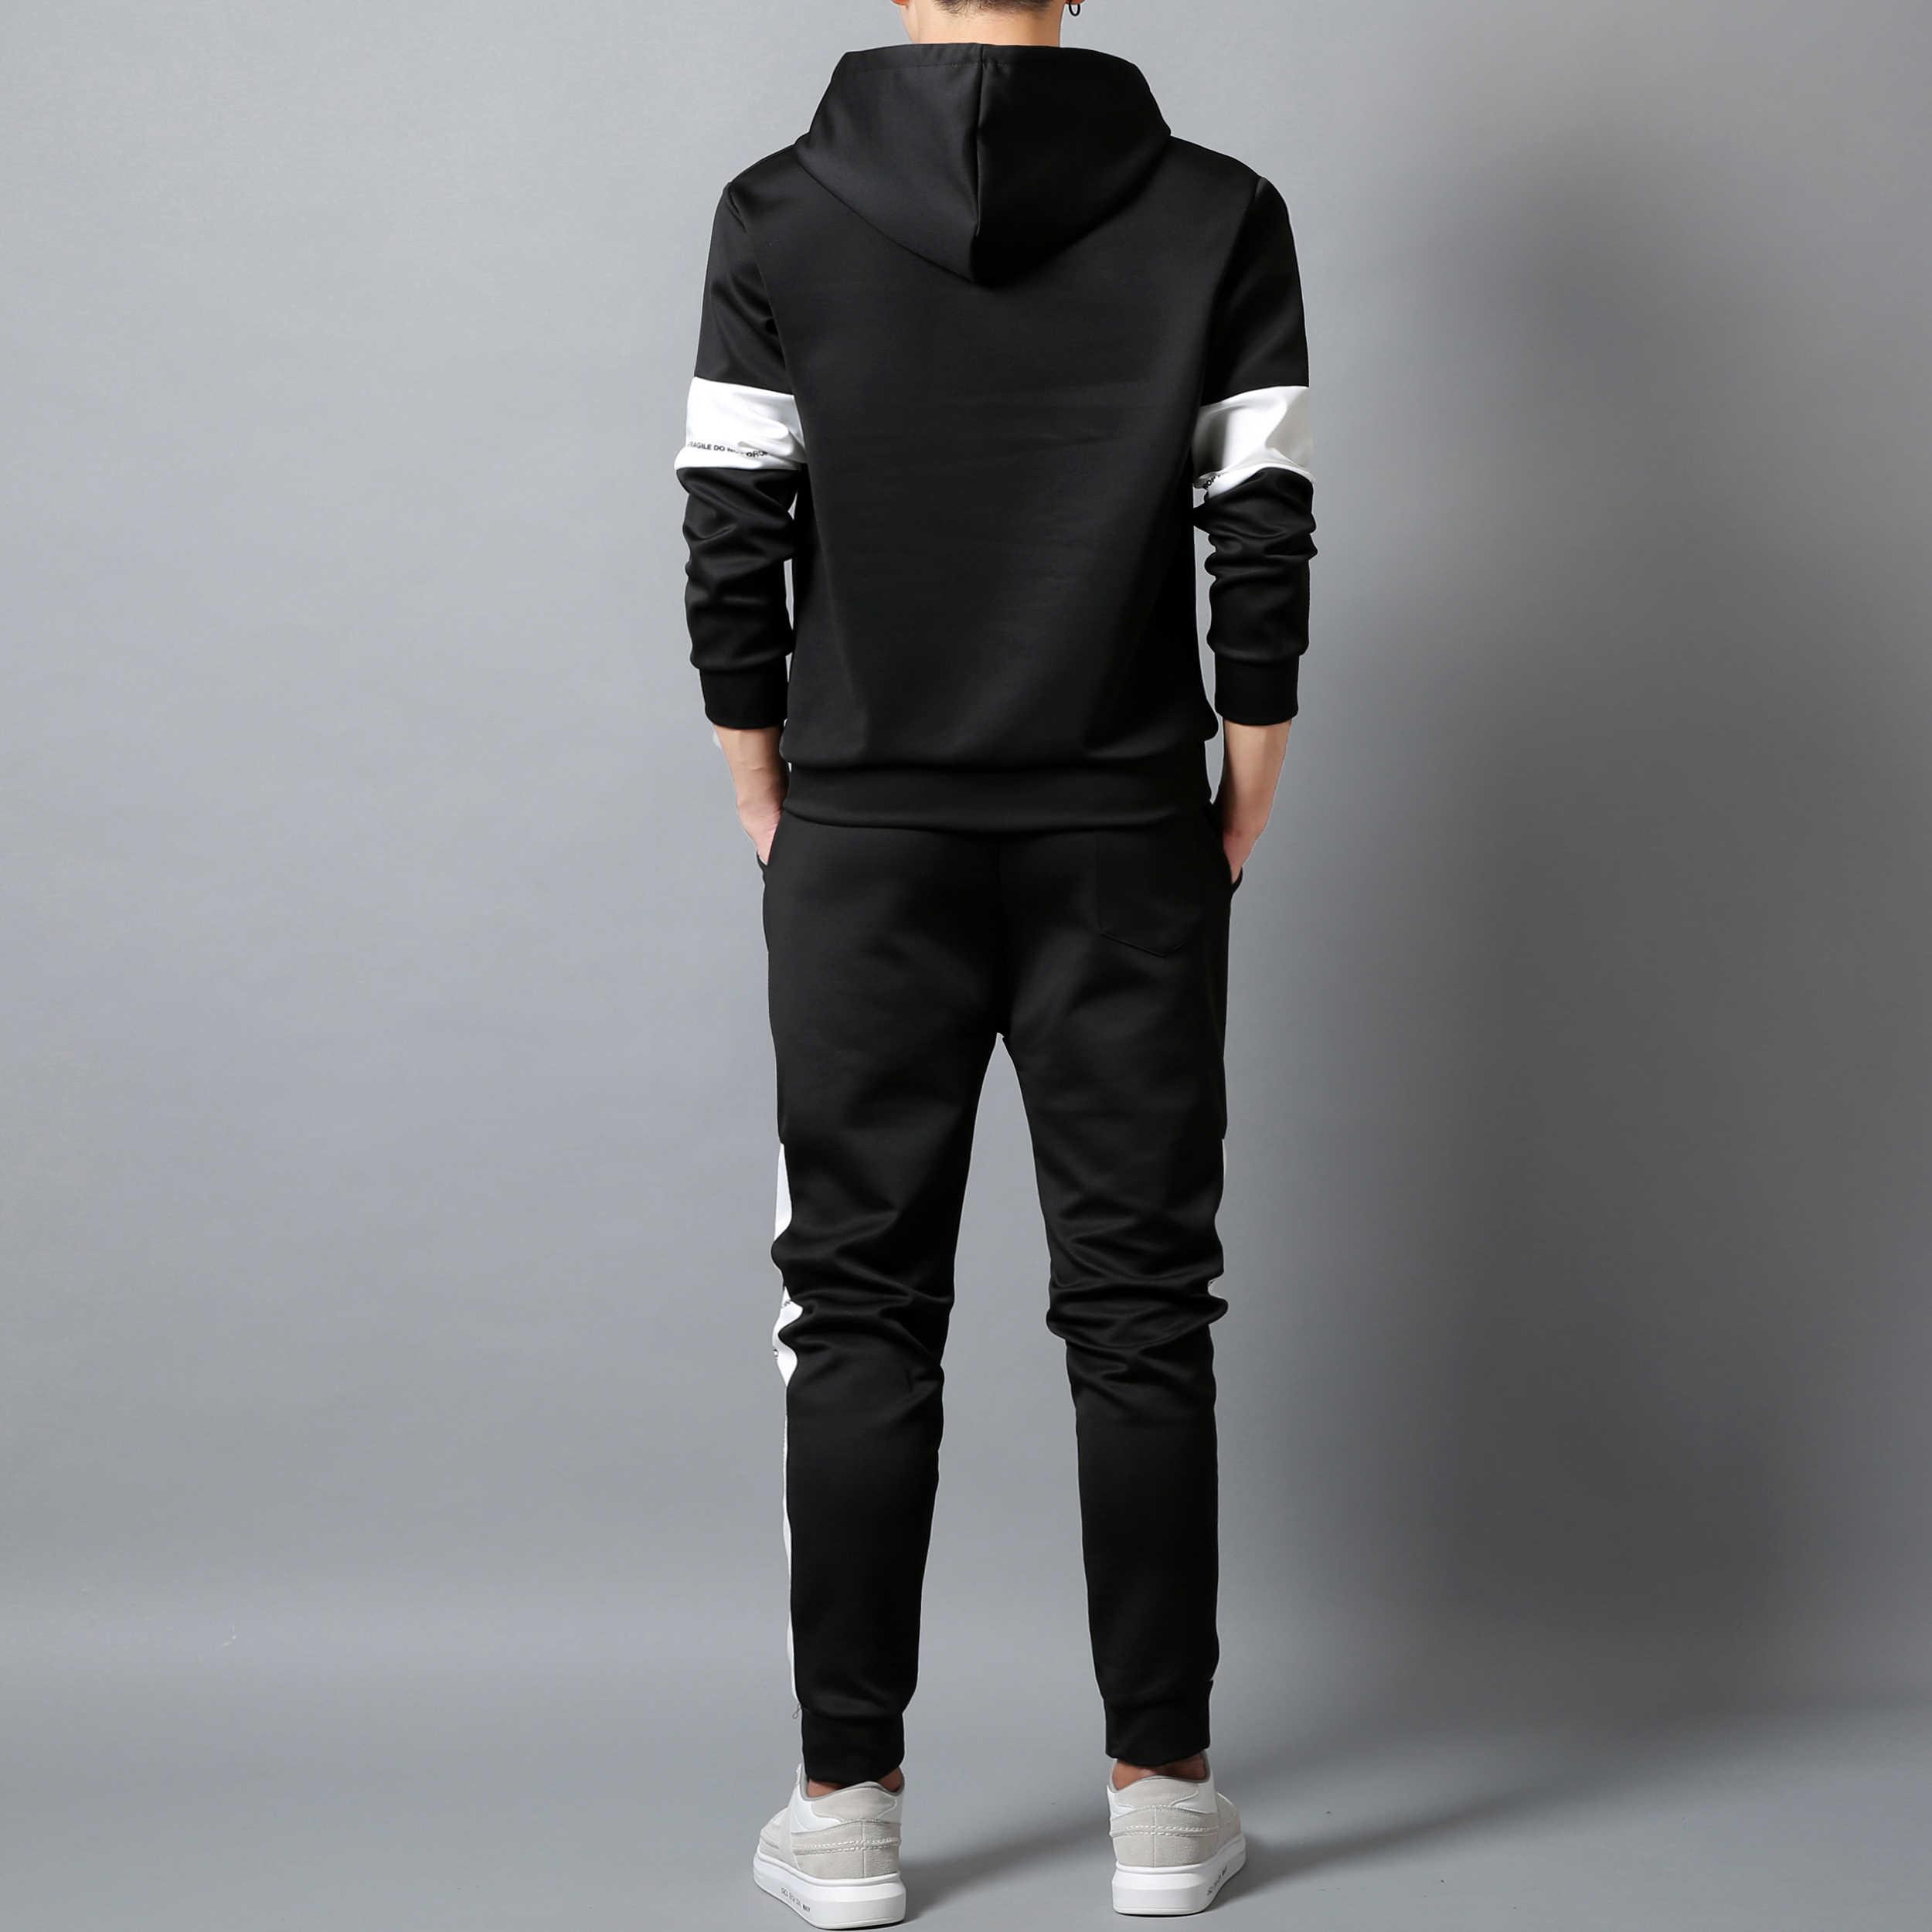 새로운 브랜드 의류 남자 패션 Tracksuit 캐주얼 Sportsuit 남자 Hoodies 스웨터 스포츠 조깅 휘트니스 훈련 남성 세트